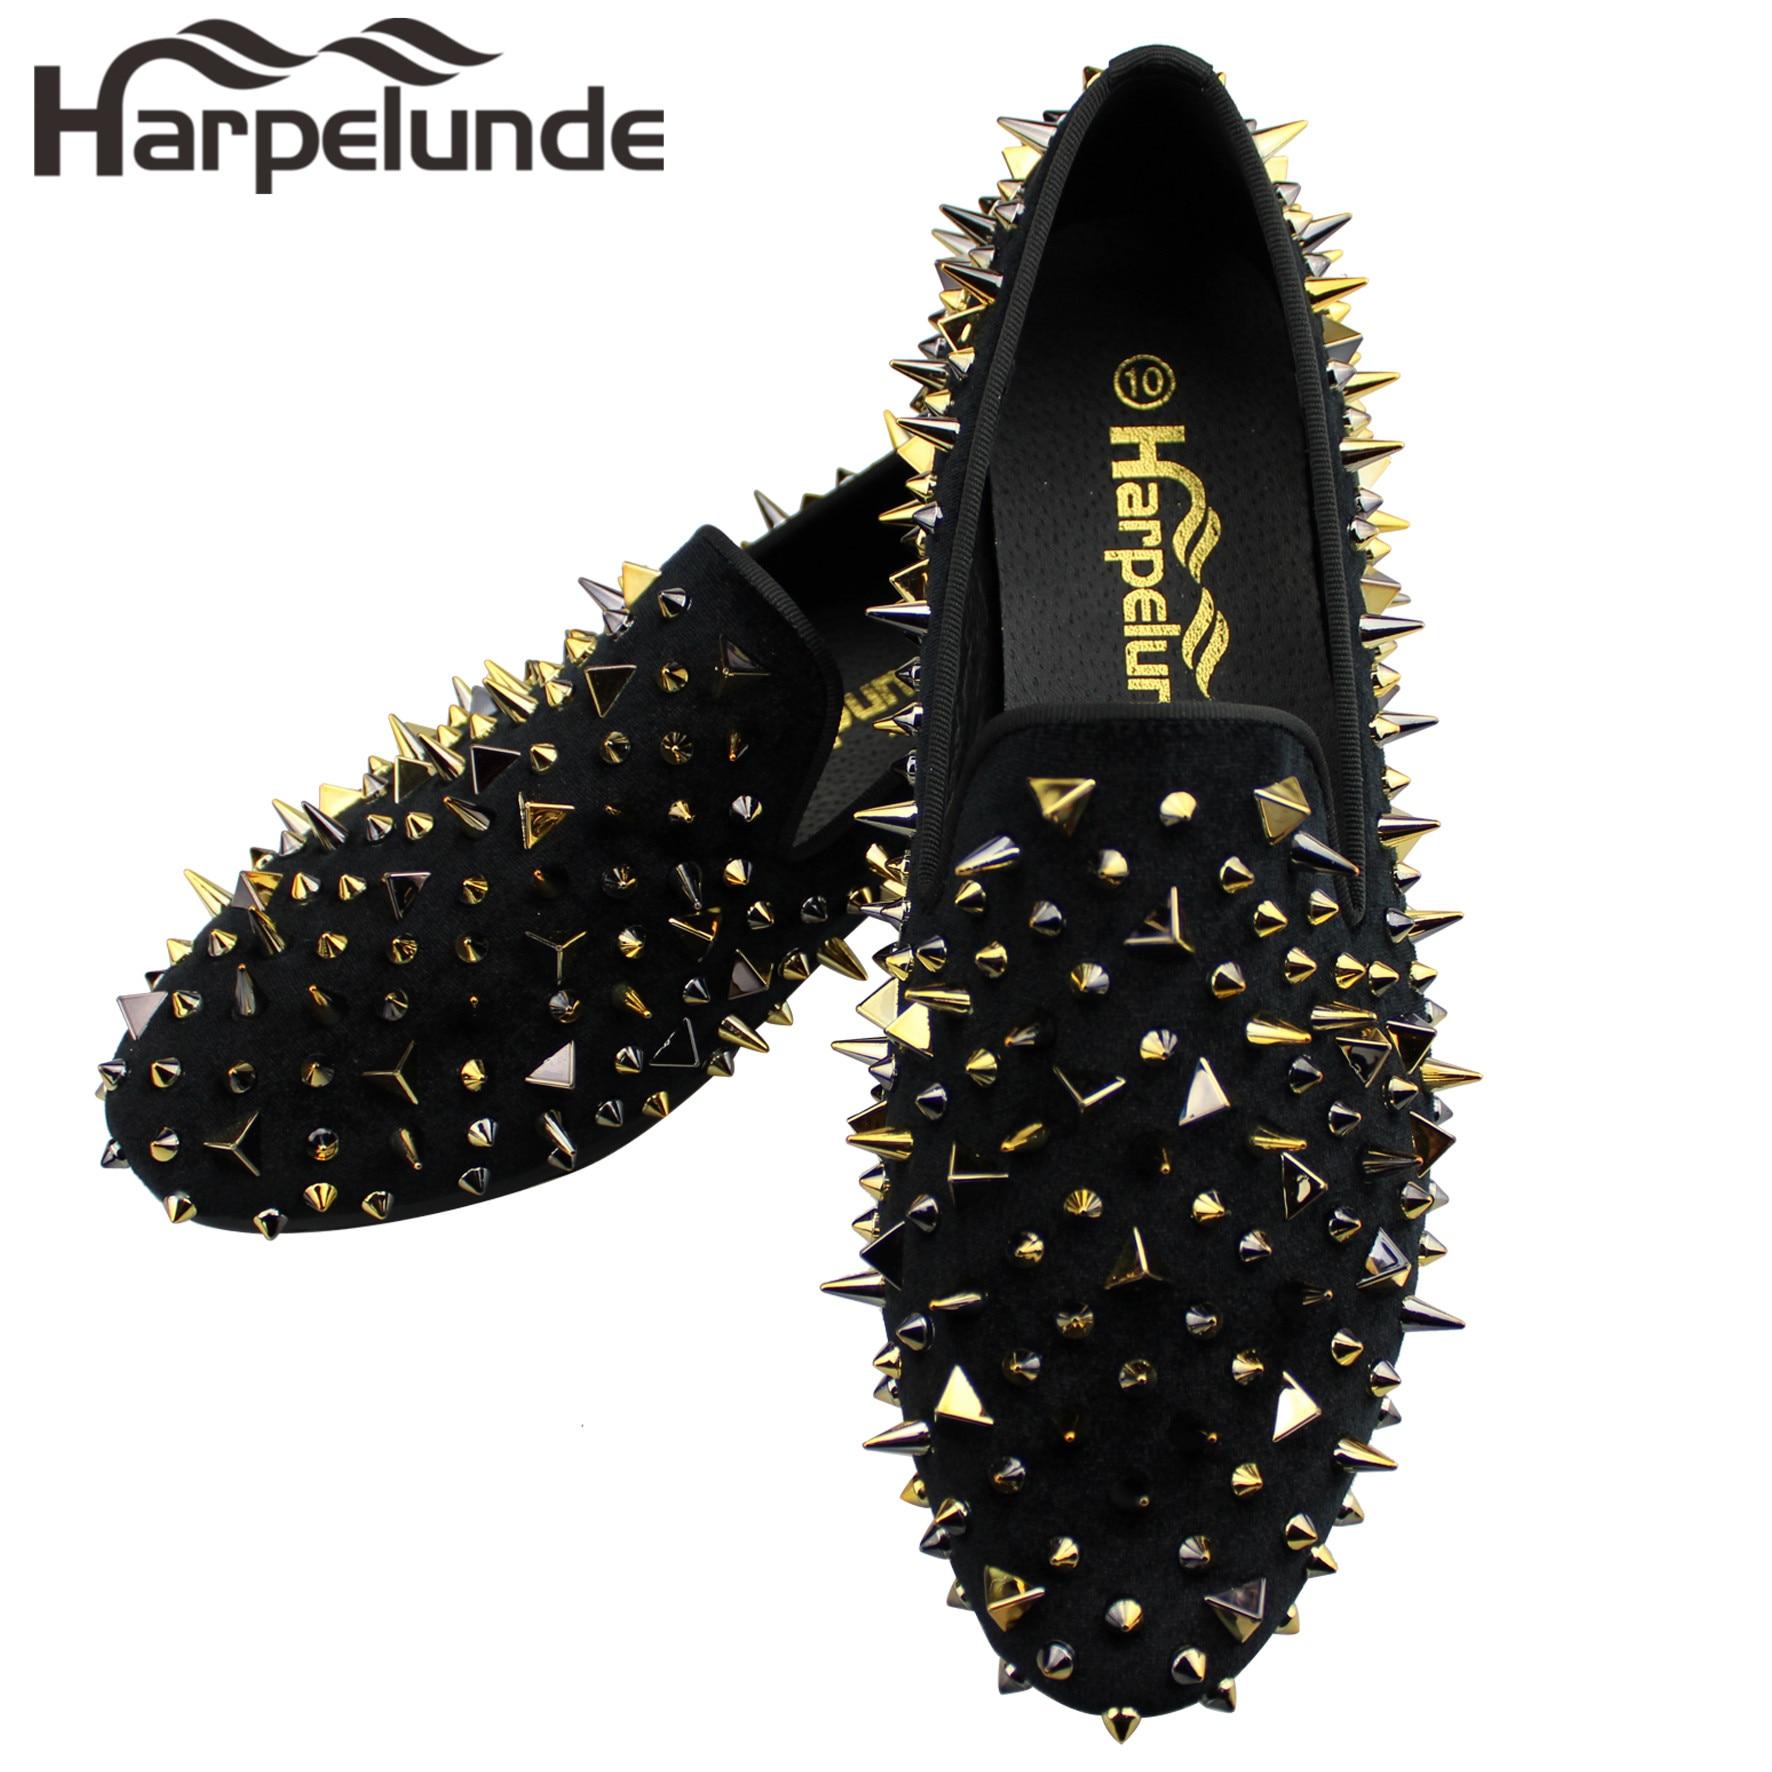 Scarpe da uomo degli appartamenti di cristallo bianco nero rosso scarpe casual scarpe da tennis Degli Uomini Pattini Del Partito Punta Rotonda Lace up Scarpe Basse fannullone scarpe di Cuoio - 5